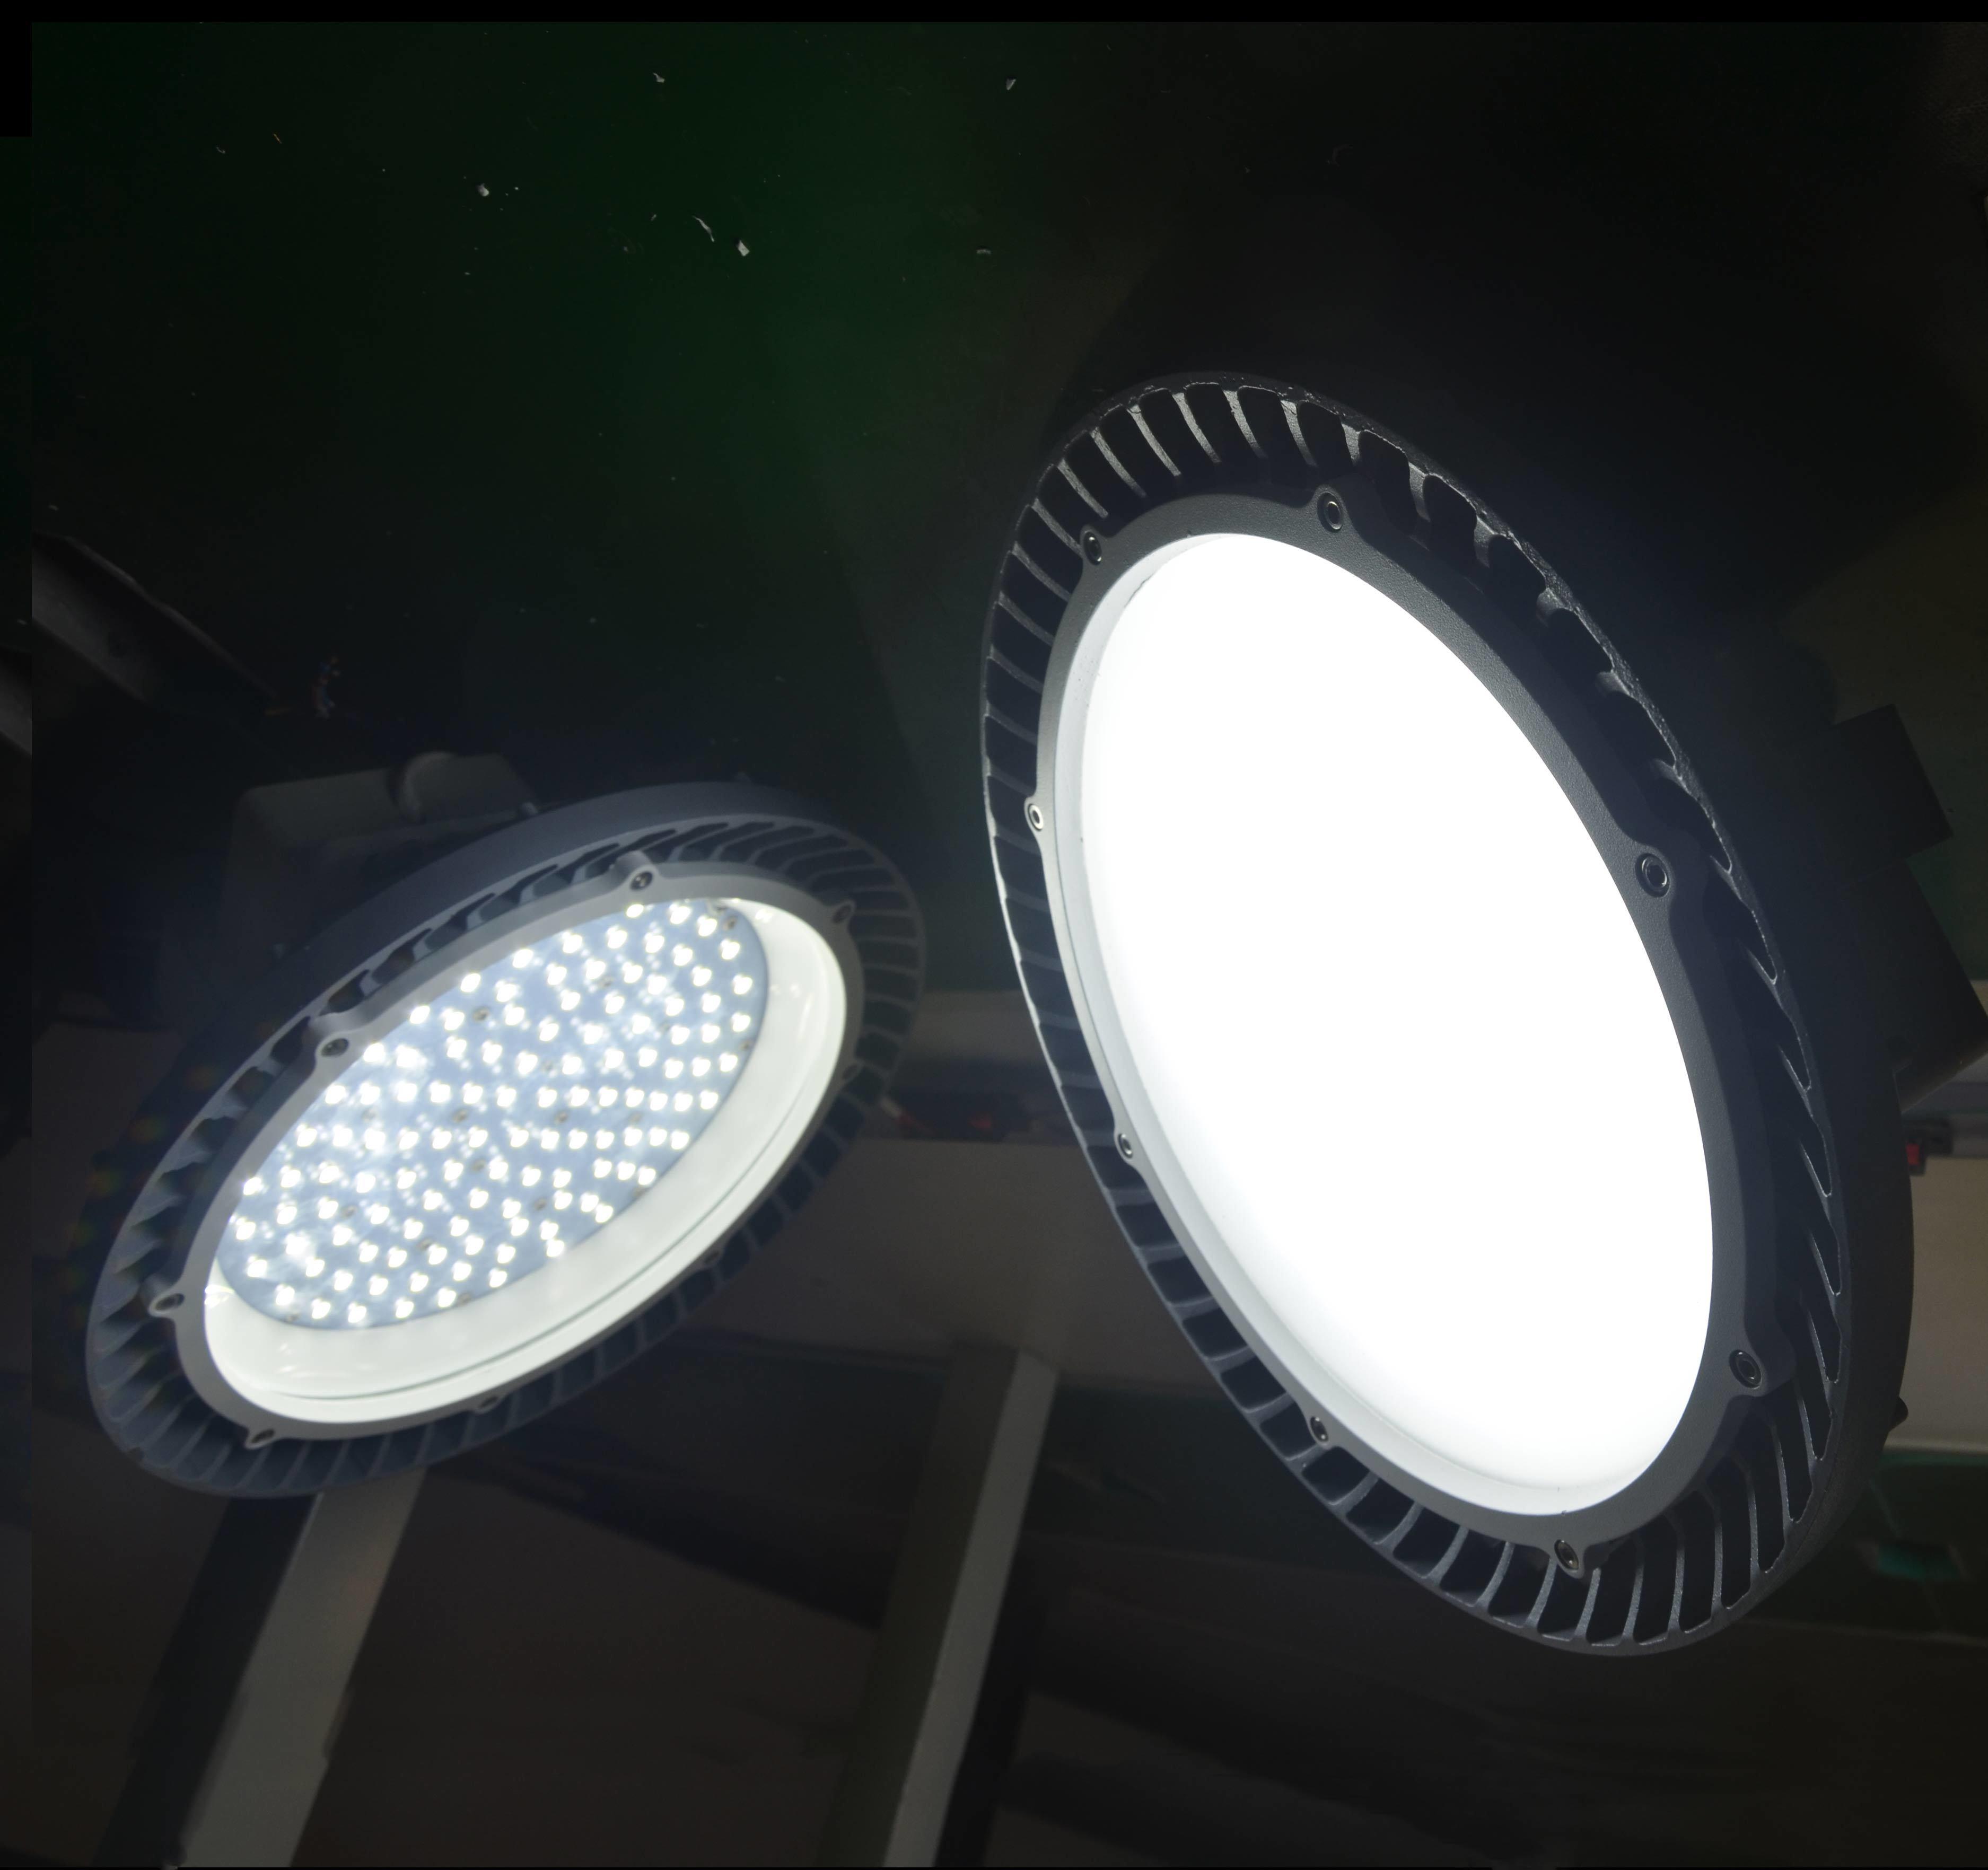 200W Outdoor High Bay/Flood Light (BFZ 220/200 55 Y)